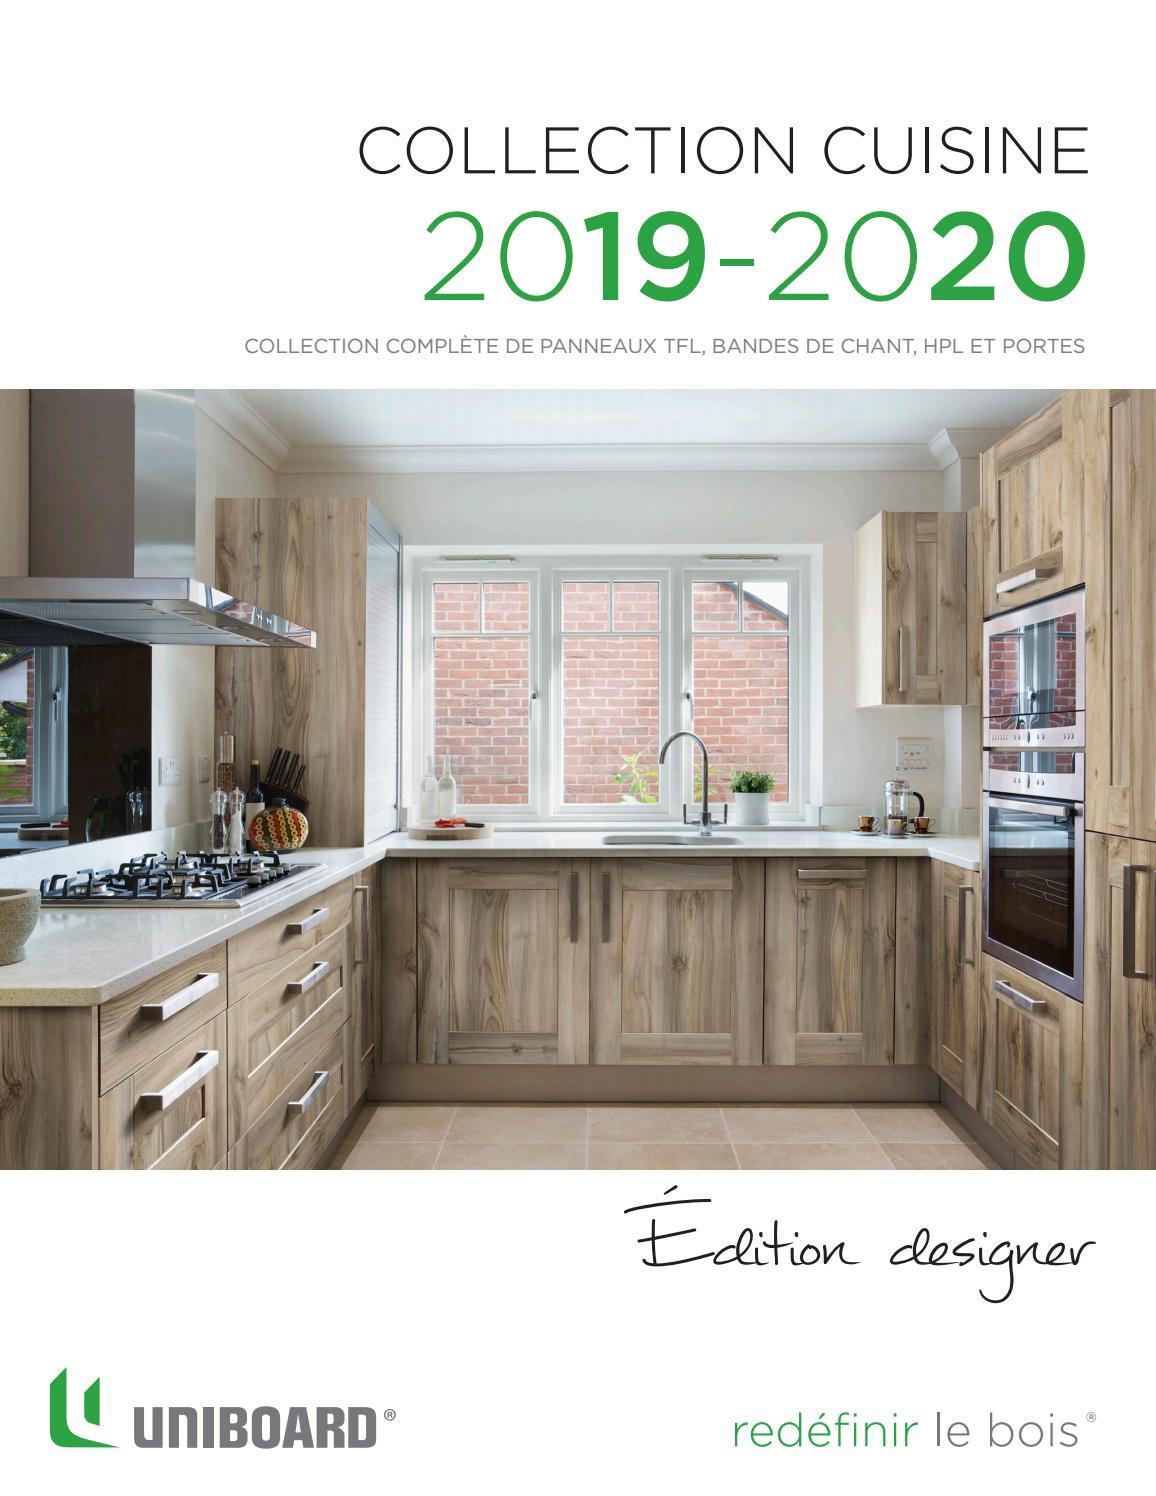 Couleur De Cuisine Tendance 2015 collection cuisine 2019 - 2020uniboard - issuu